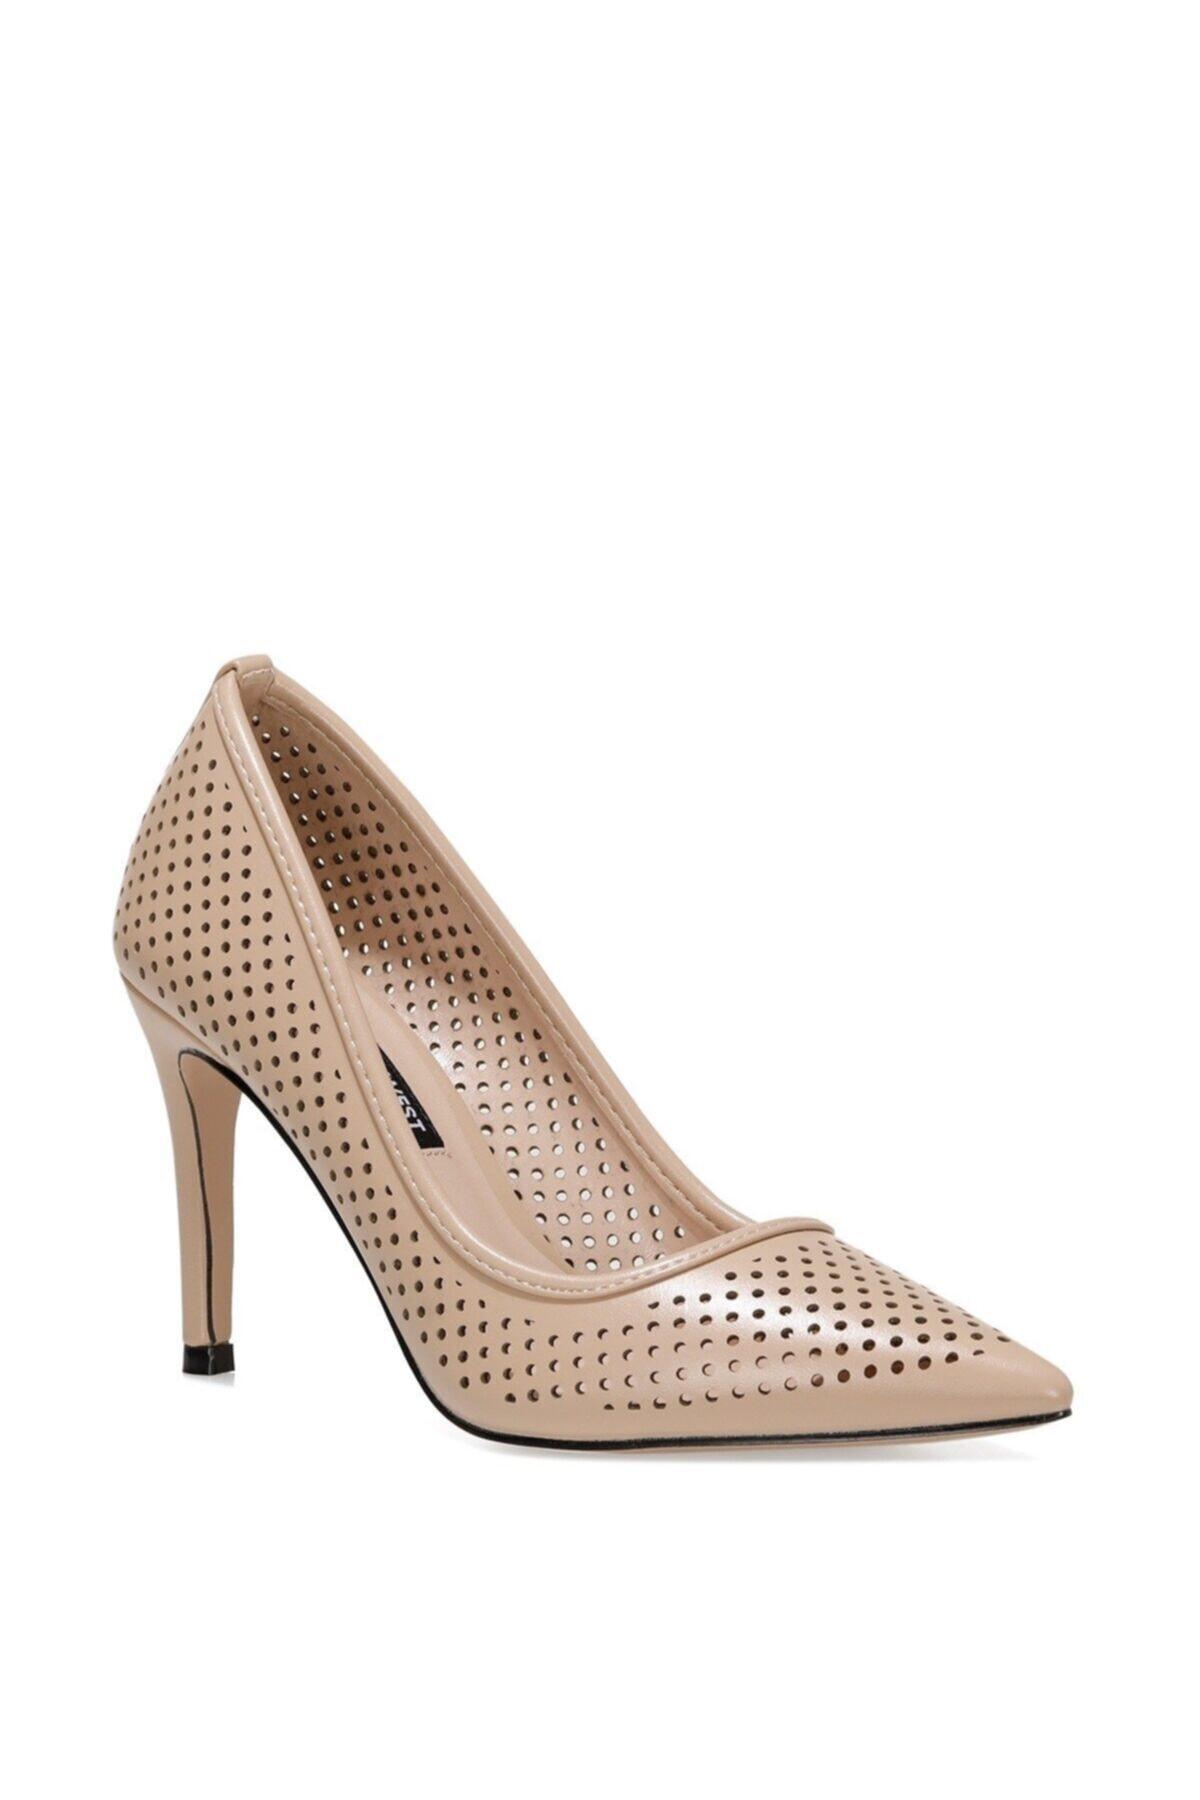 Nine West JERRIKA 1FX Naturel Kadın Klasik Topuklu Ayakkabı 101007987 2